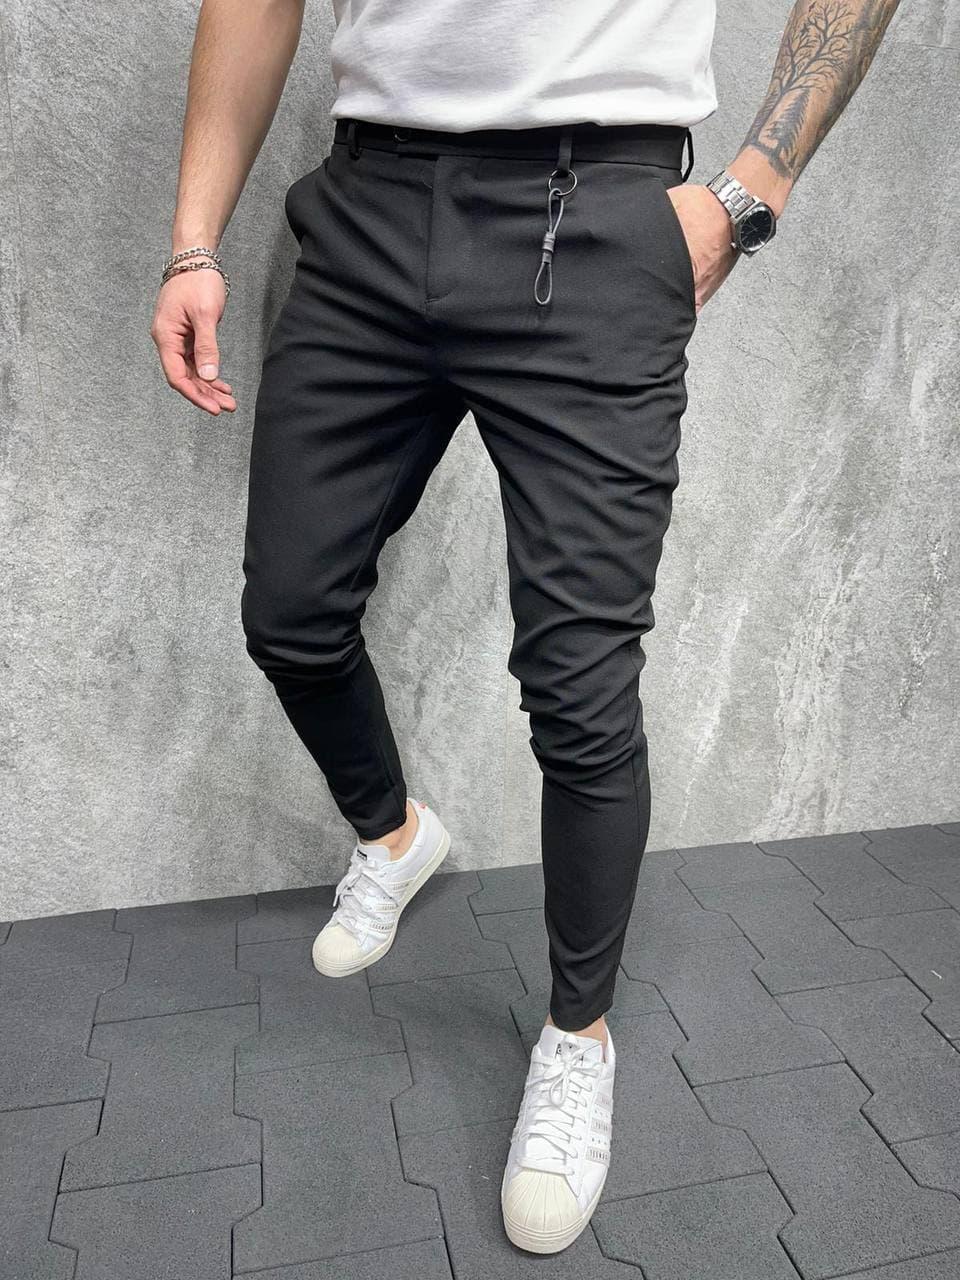 Штани чоловічі зауженые чорного кольору